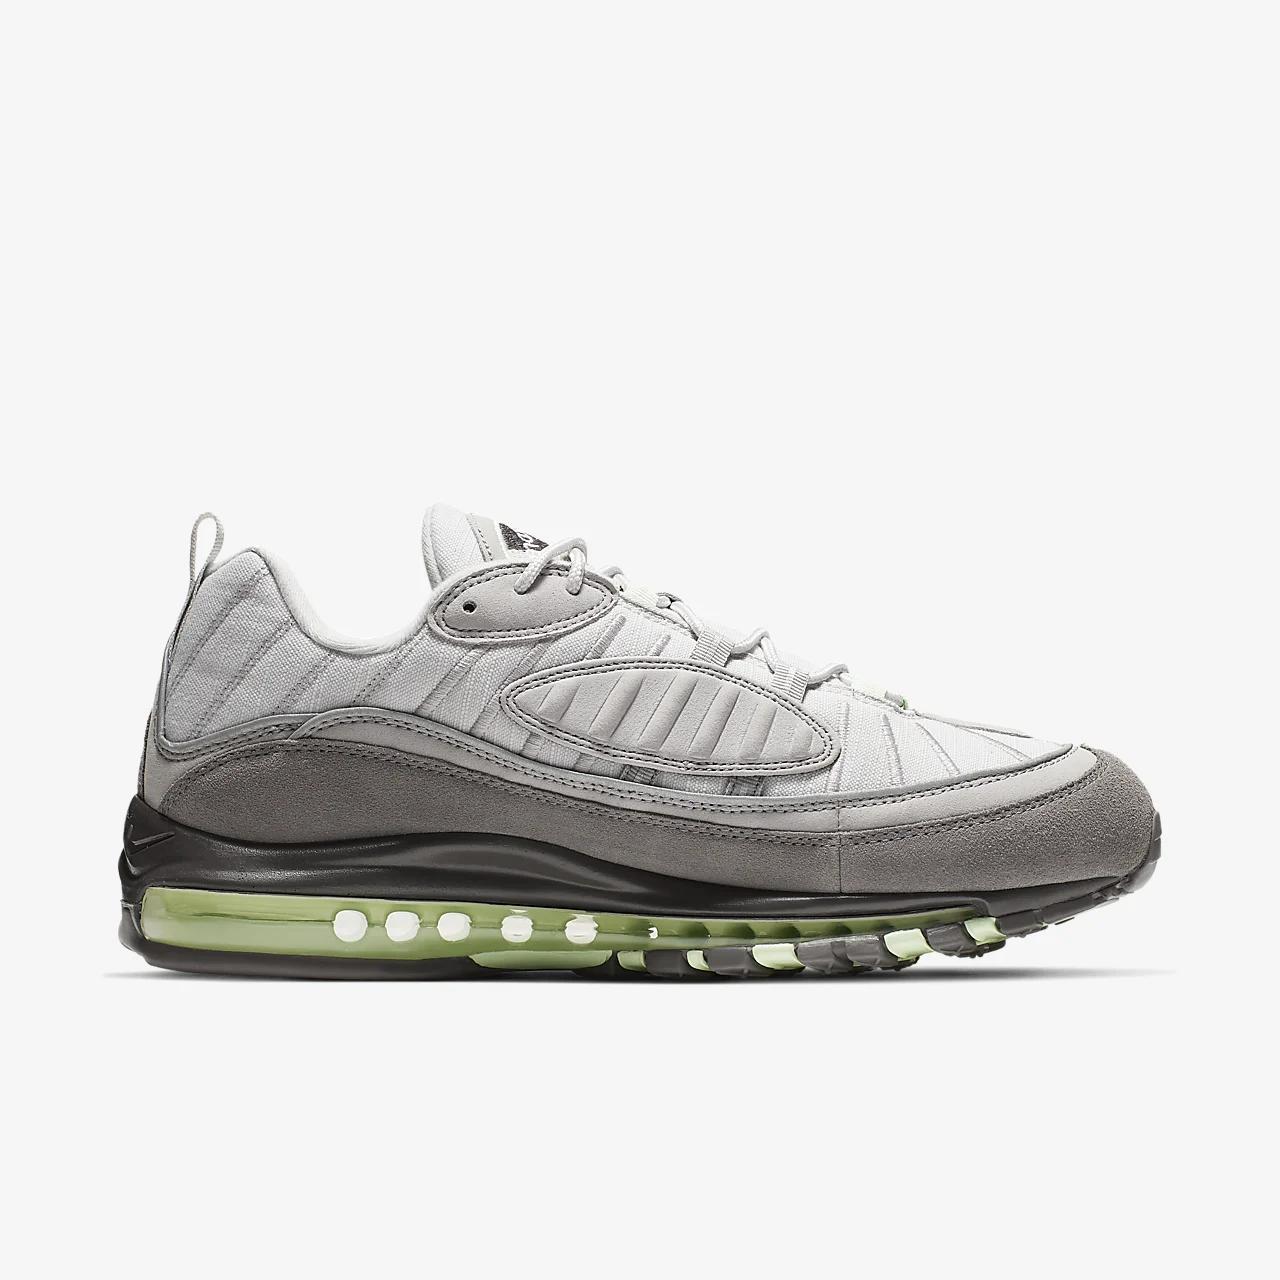 Nike Air Max 98 Men's Shoe 640744-011